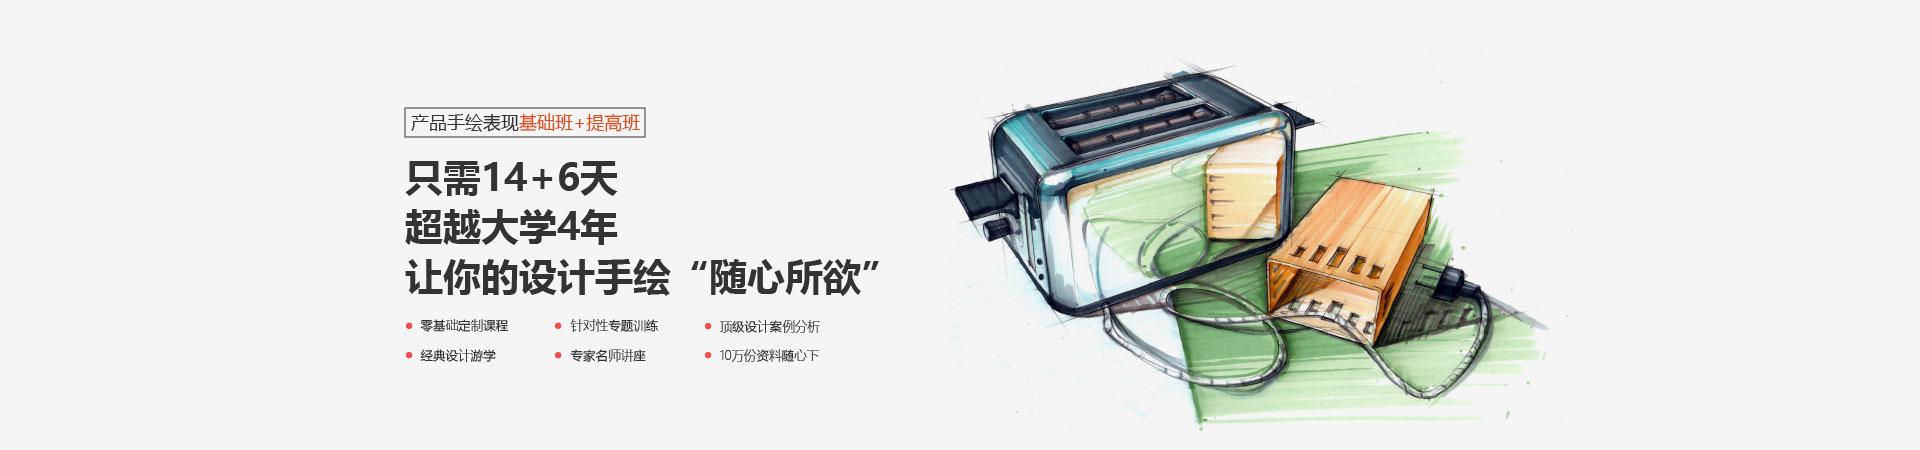 产品手绘_01.jpg